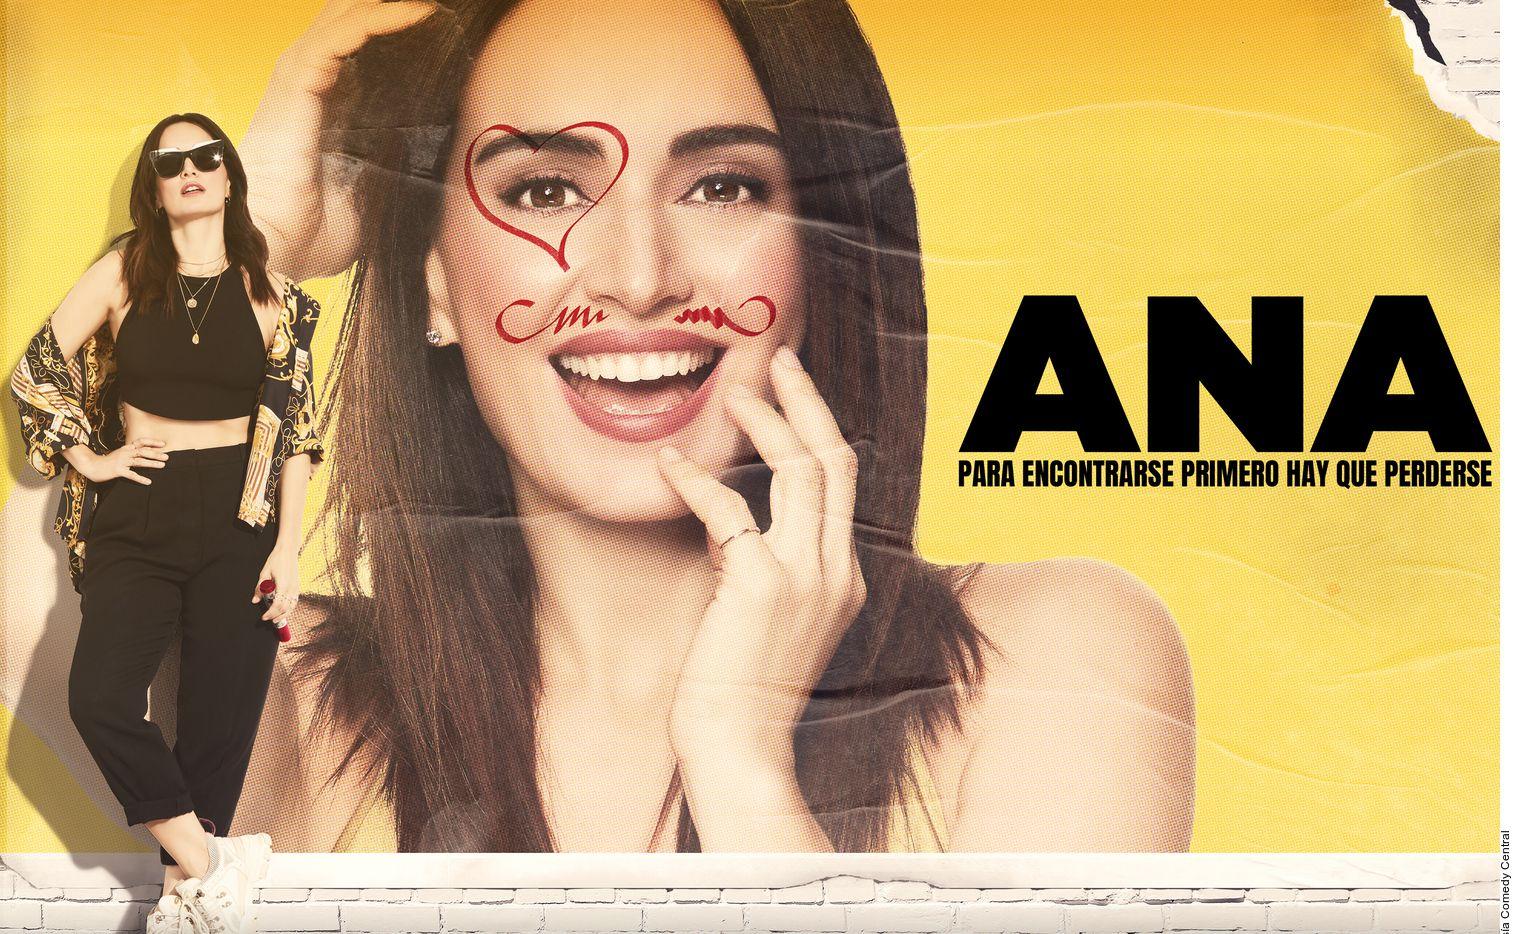 Ana de la Reguera volverá a la pantalla chica con la serie Ana, una comedia inspirada en su vida que se estrenará en abril.